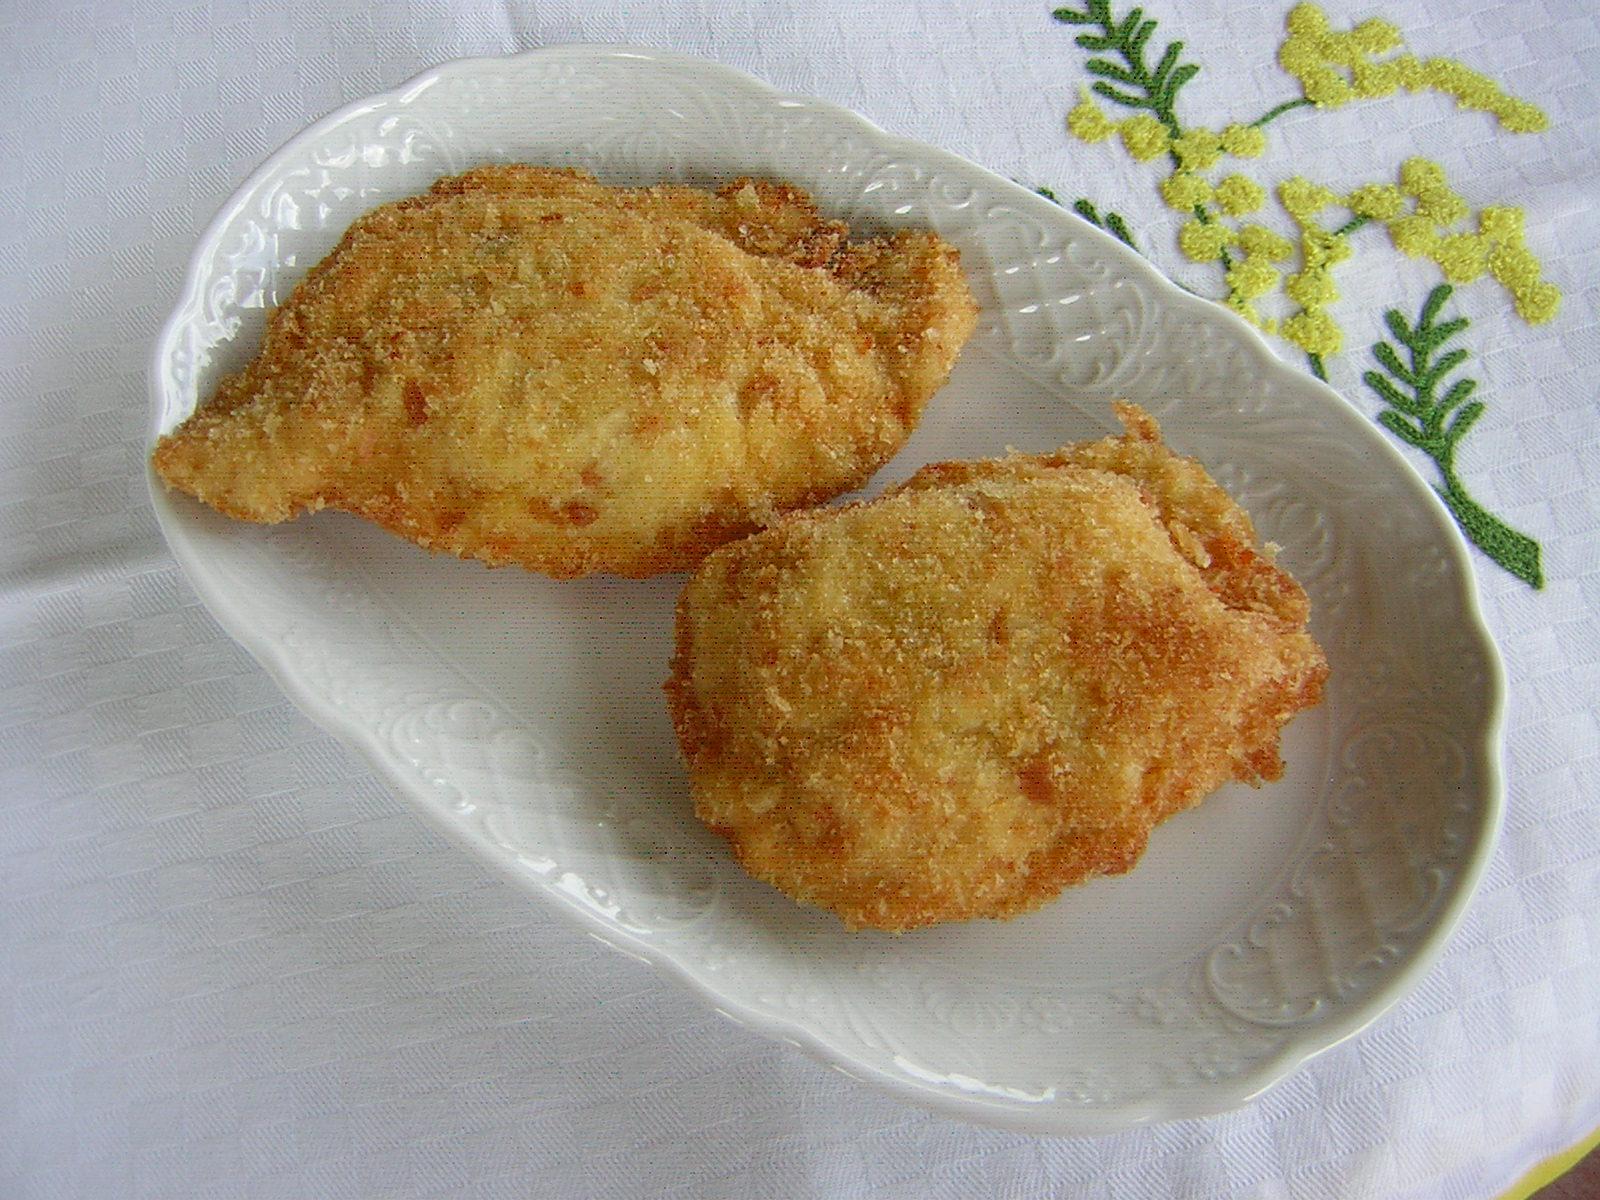 portafogli di petto di pollo fritti